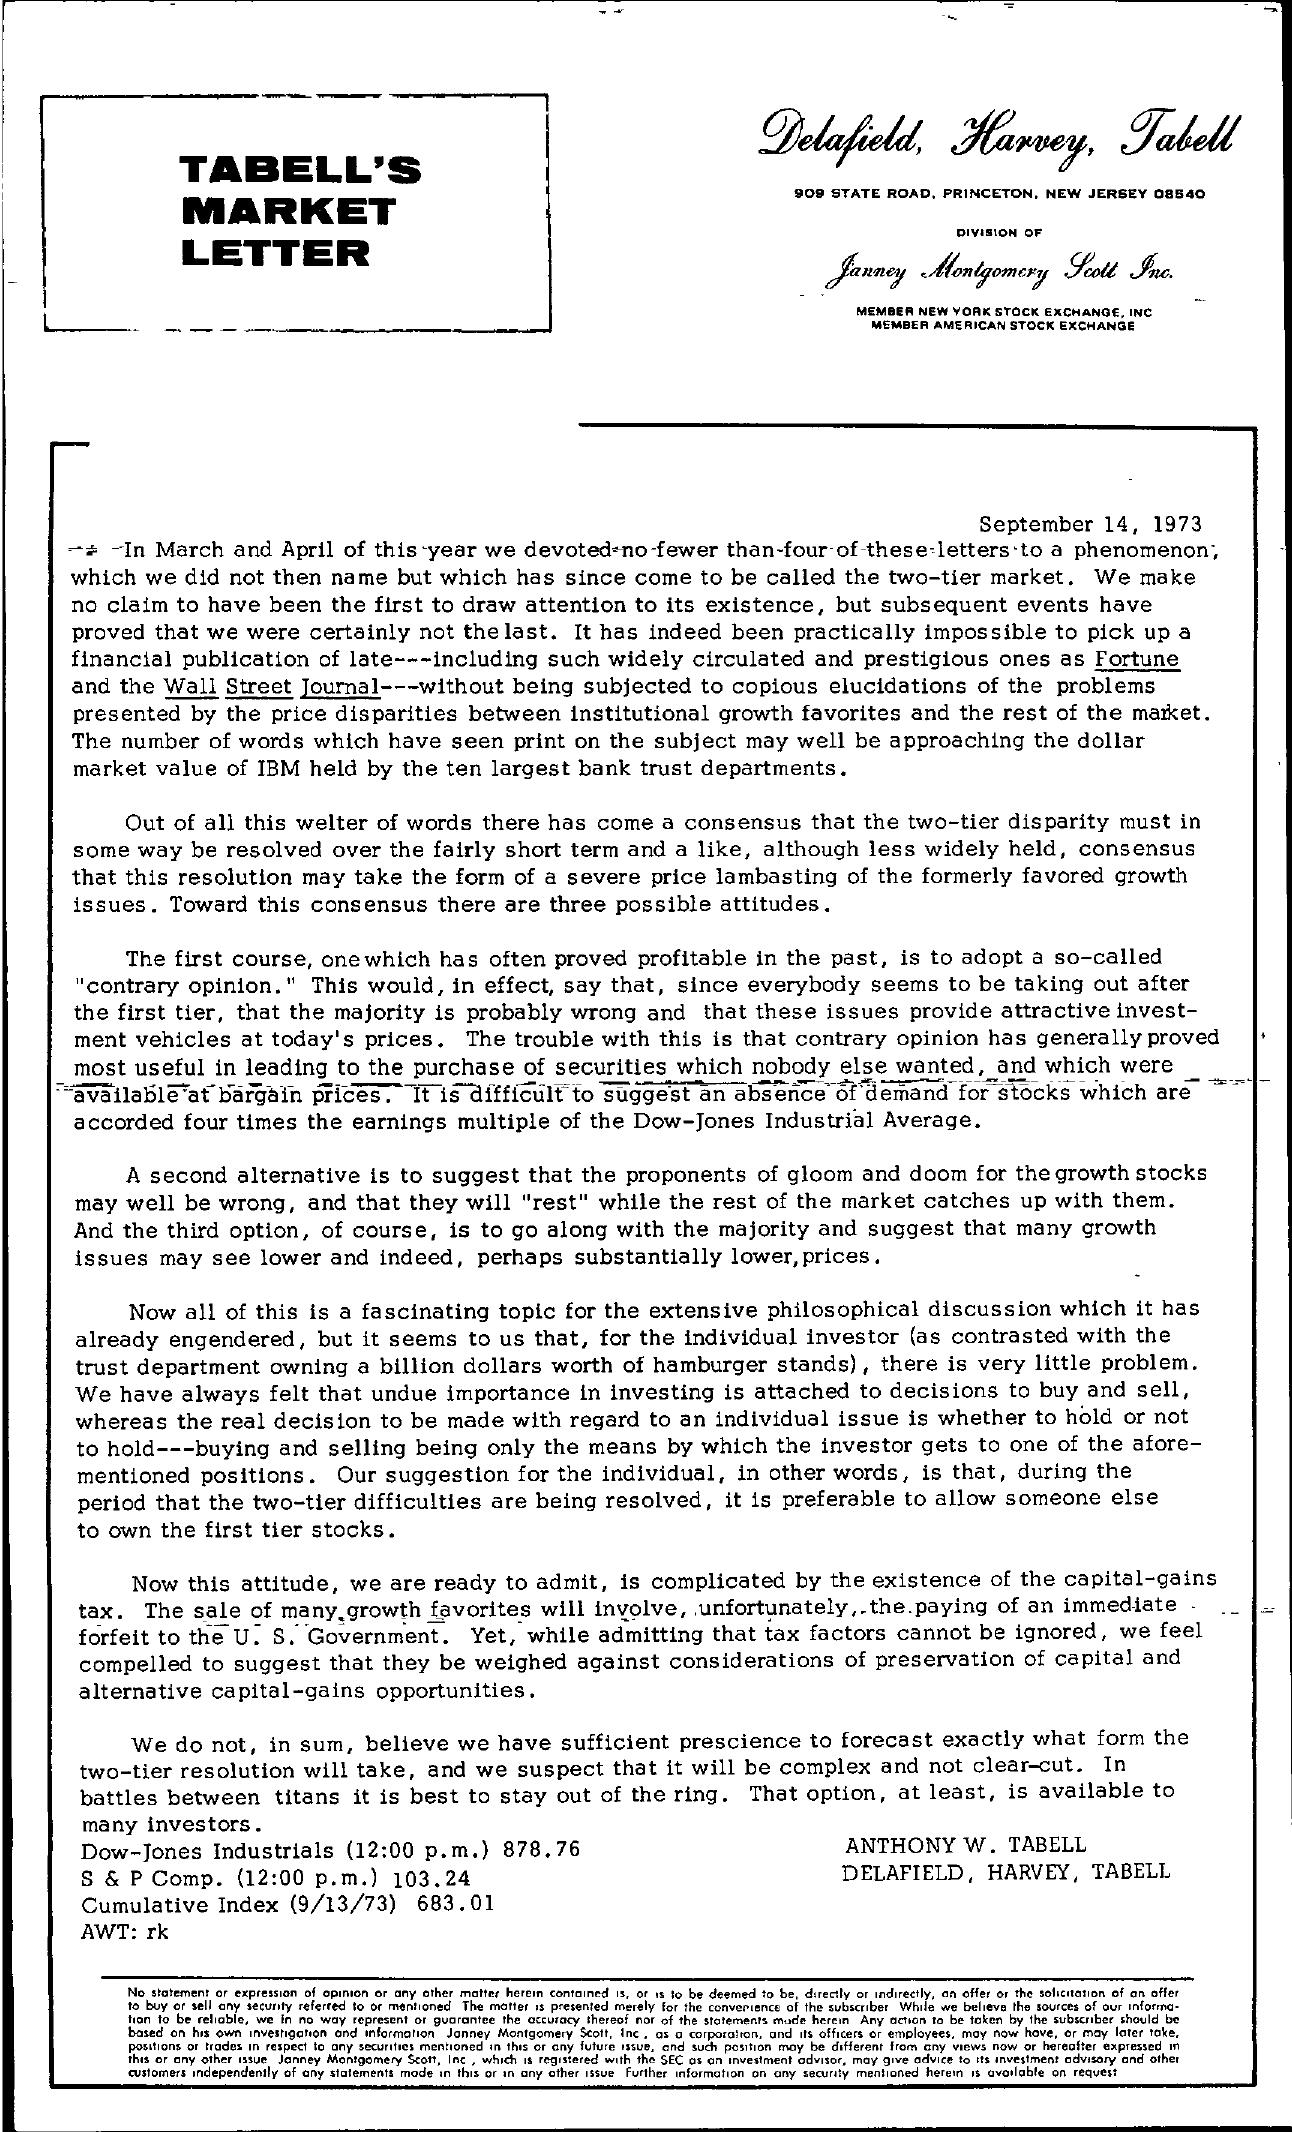 Tabell's Market Letter - September 14, 1973